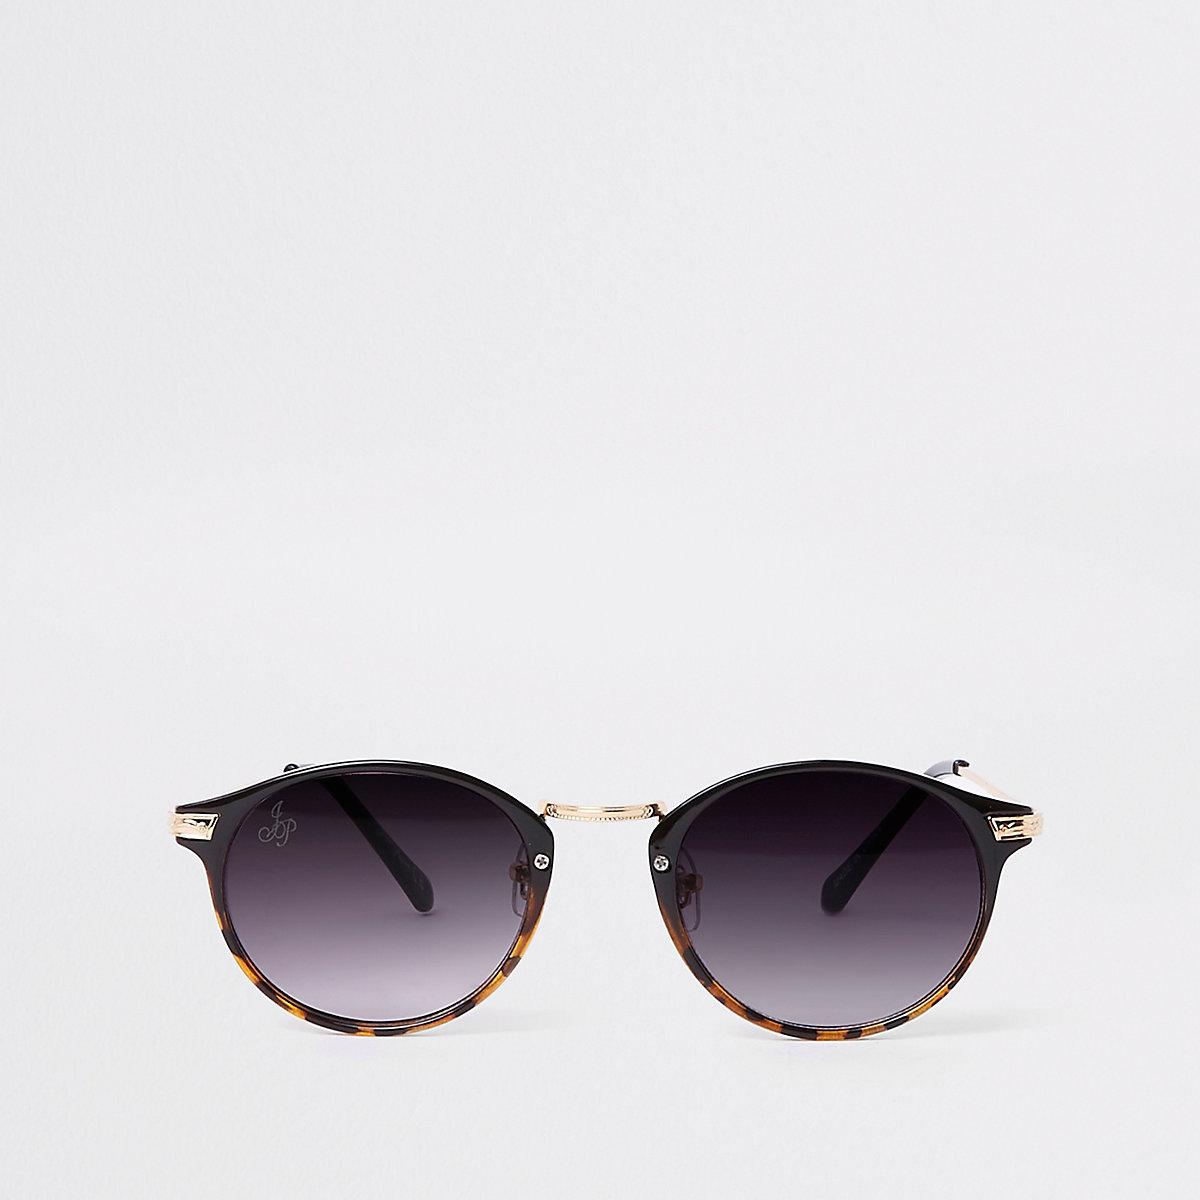 Brown tortoiseshell gold round sunglasses